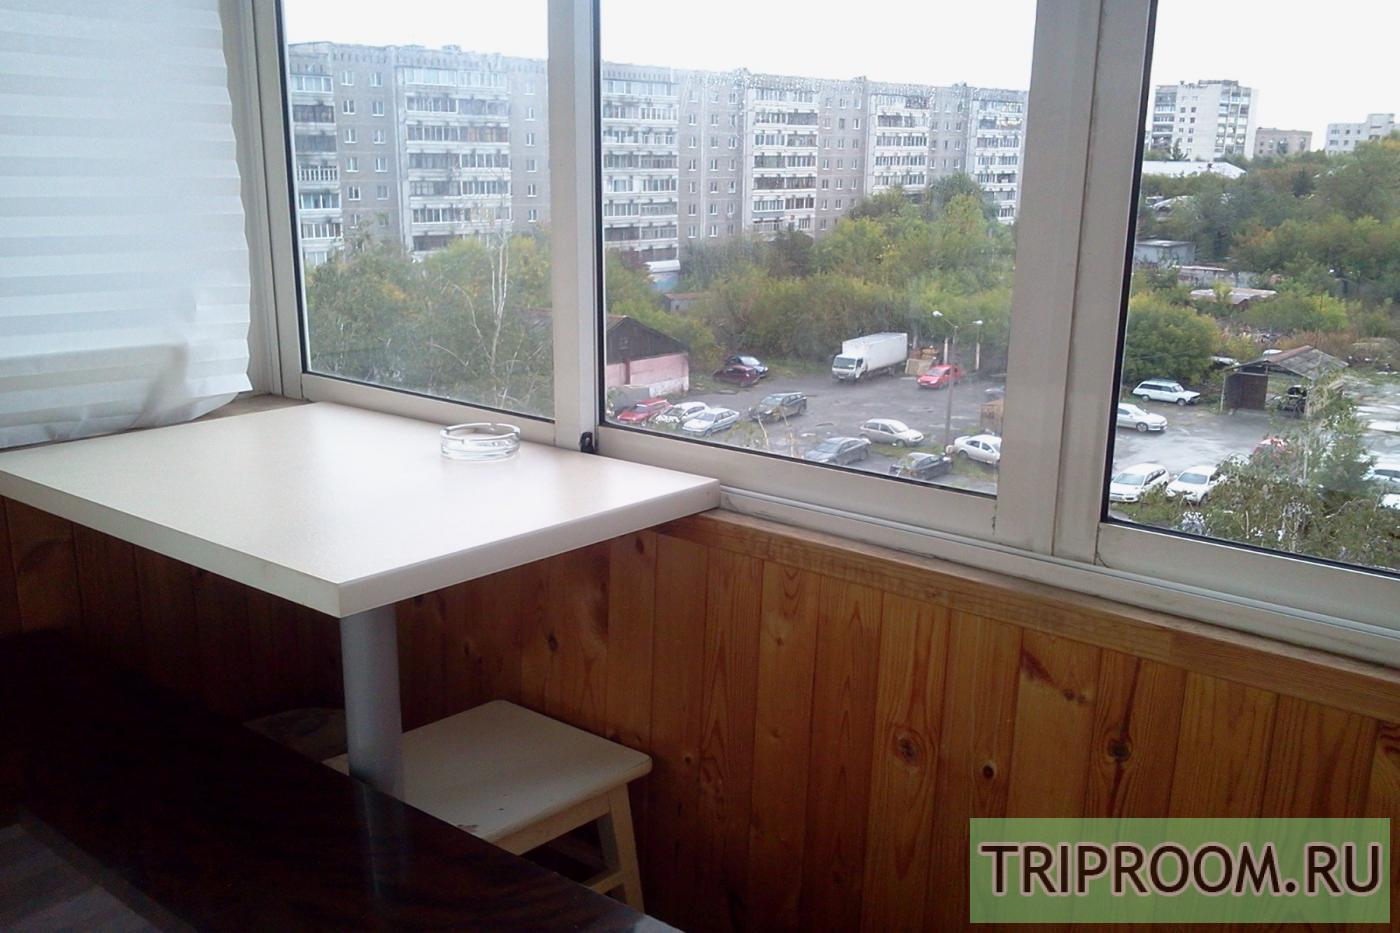 2-комнатная квартира посуточно (вариант № 27908), ул. Советская улица, фото № 11